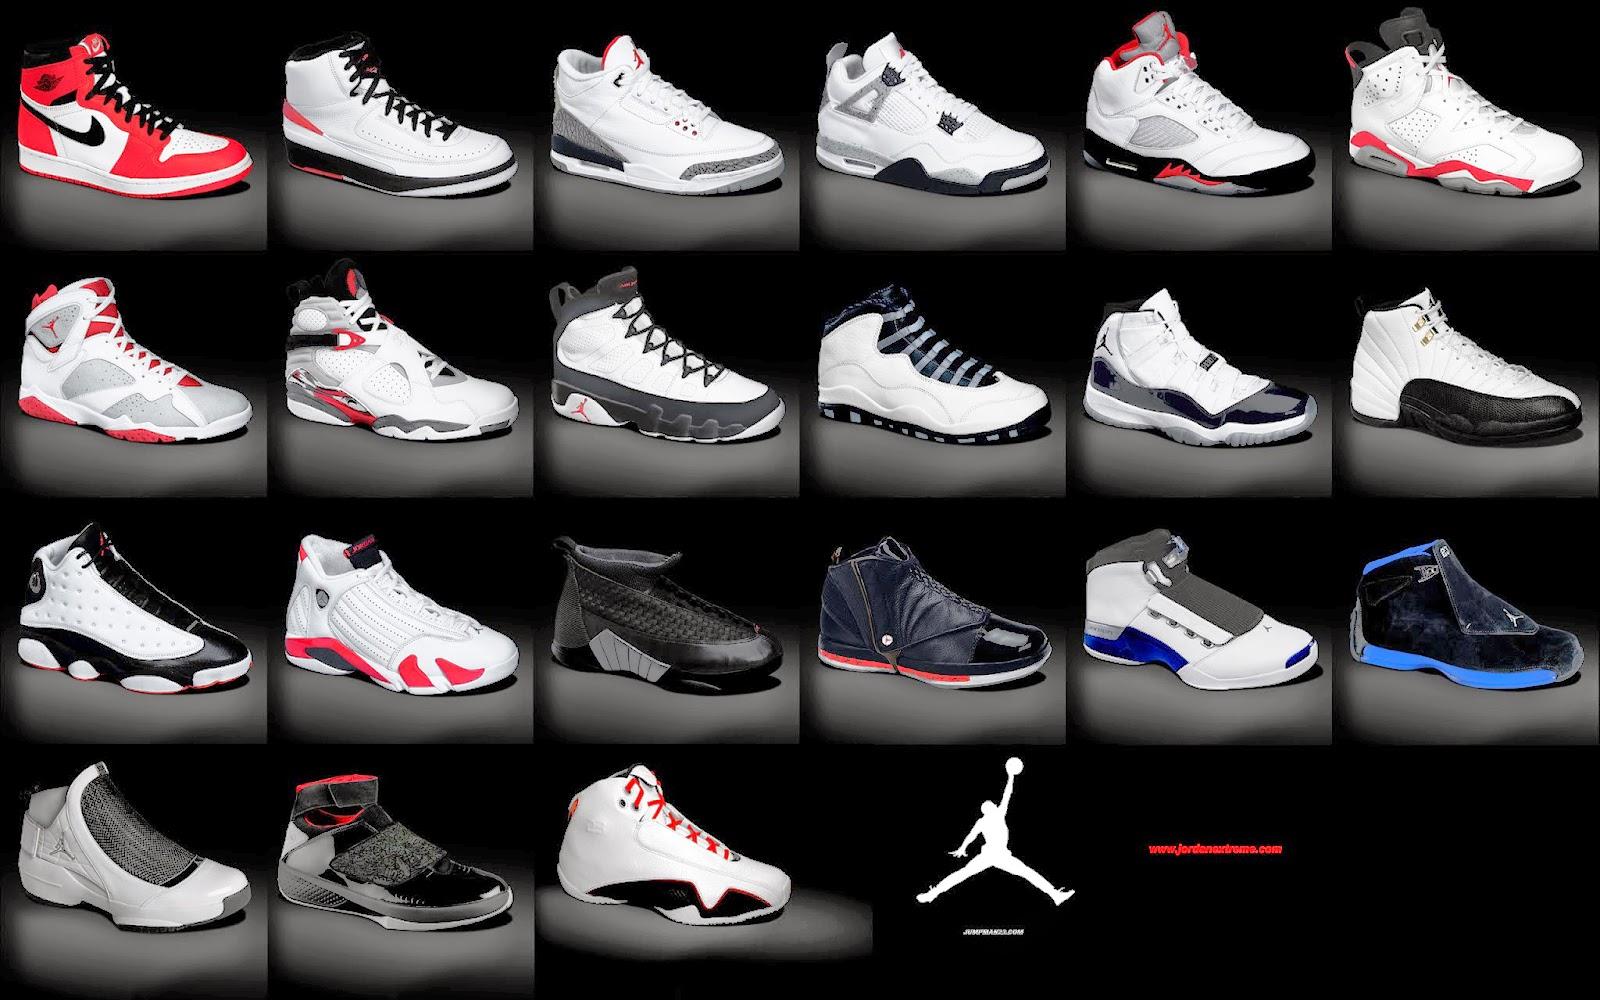 Who Makes Air Jordan Tennis Shoes